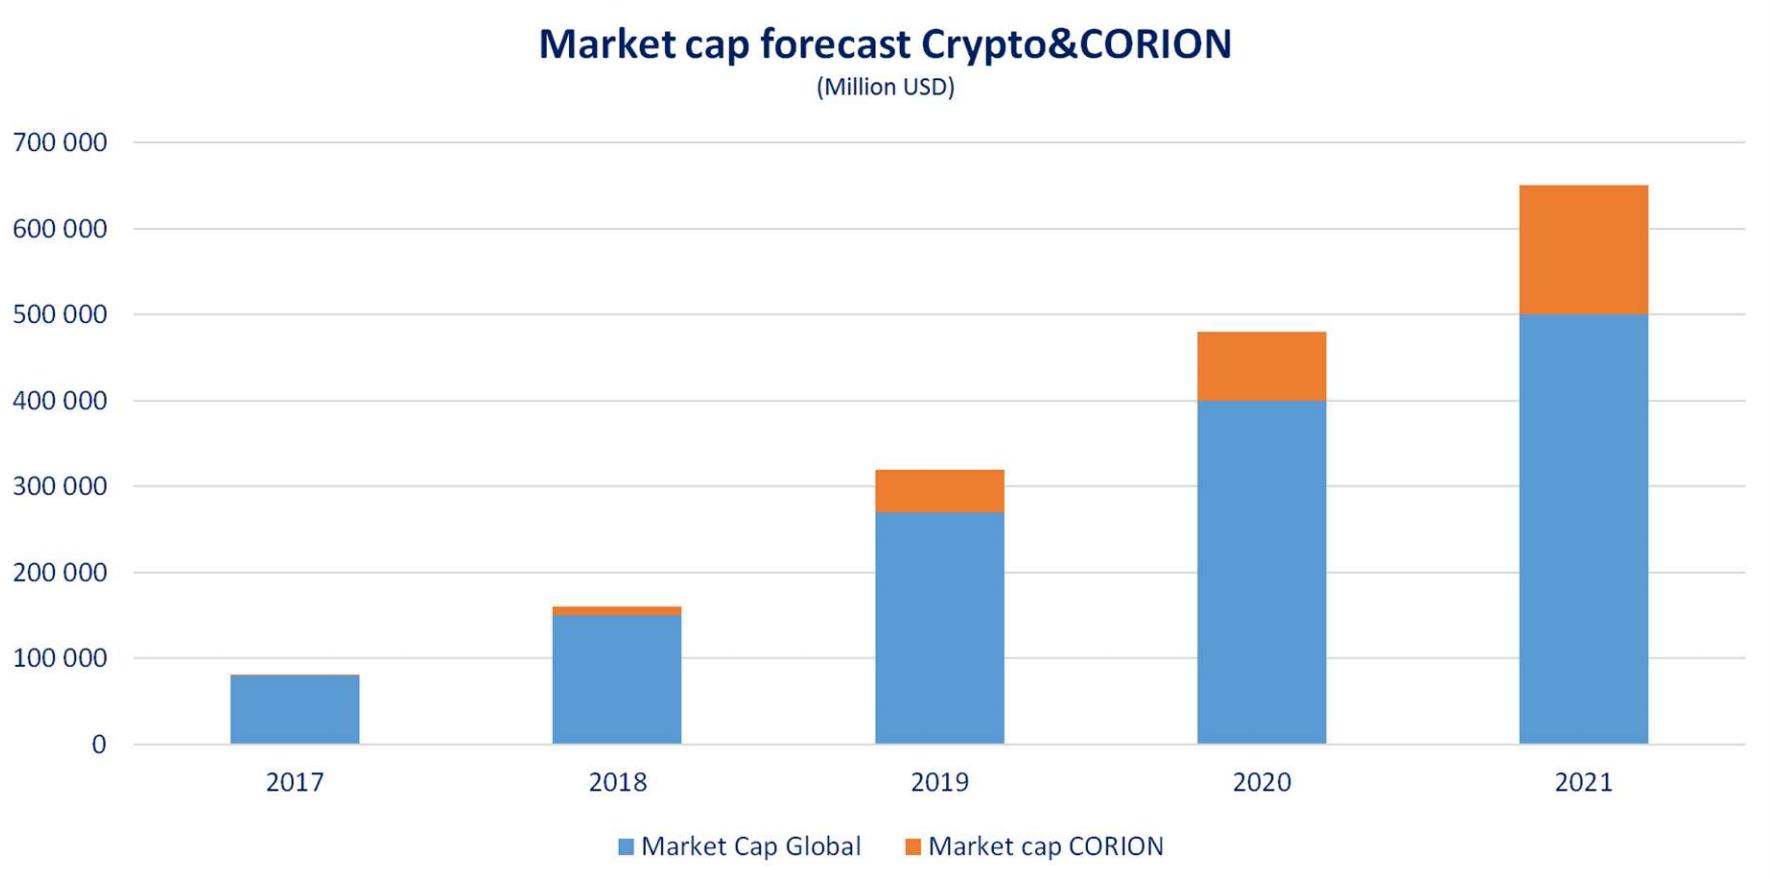 Криптовалюта, устойчивая к спекуляциям: как Corion хочет заработать миллионы, привязав курс к доллару - 2